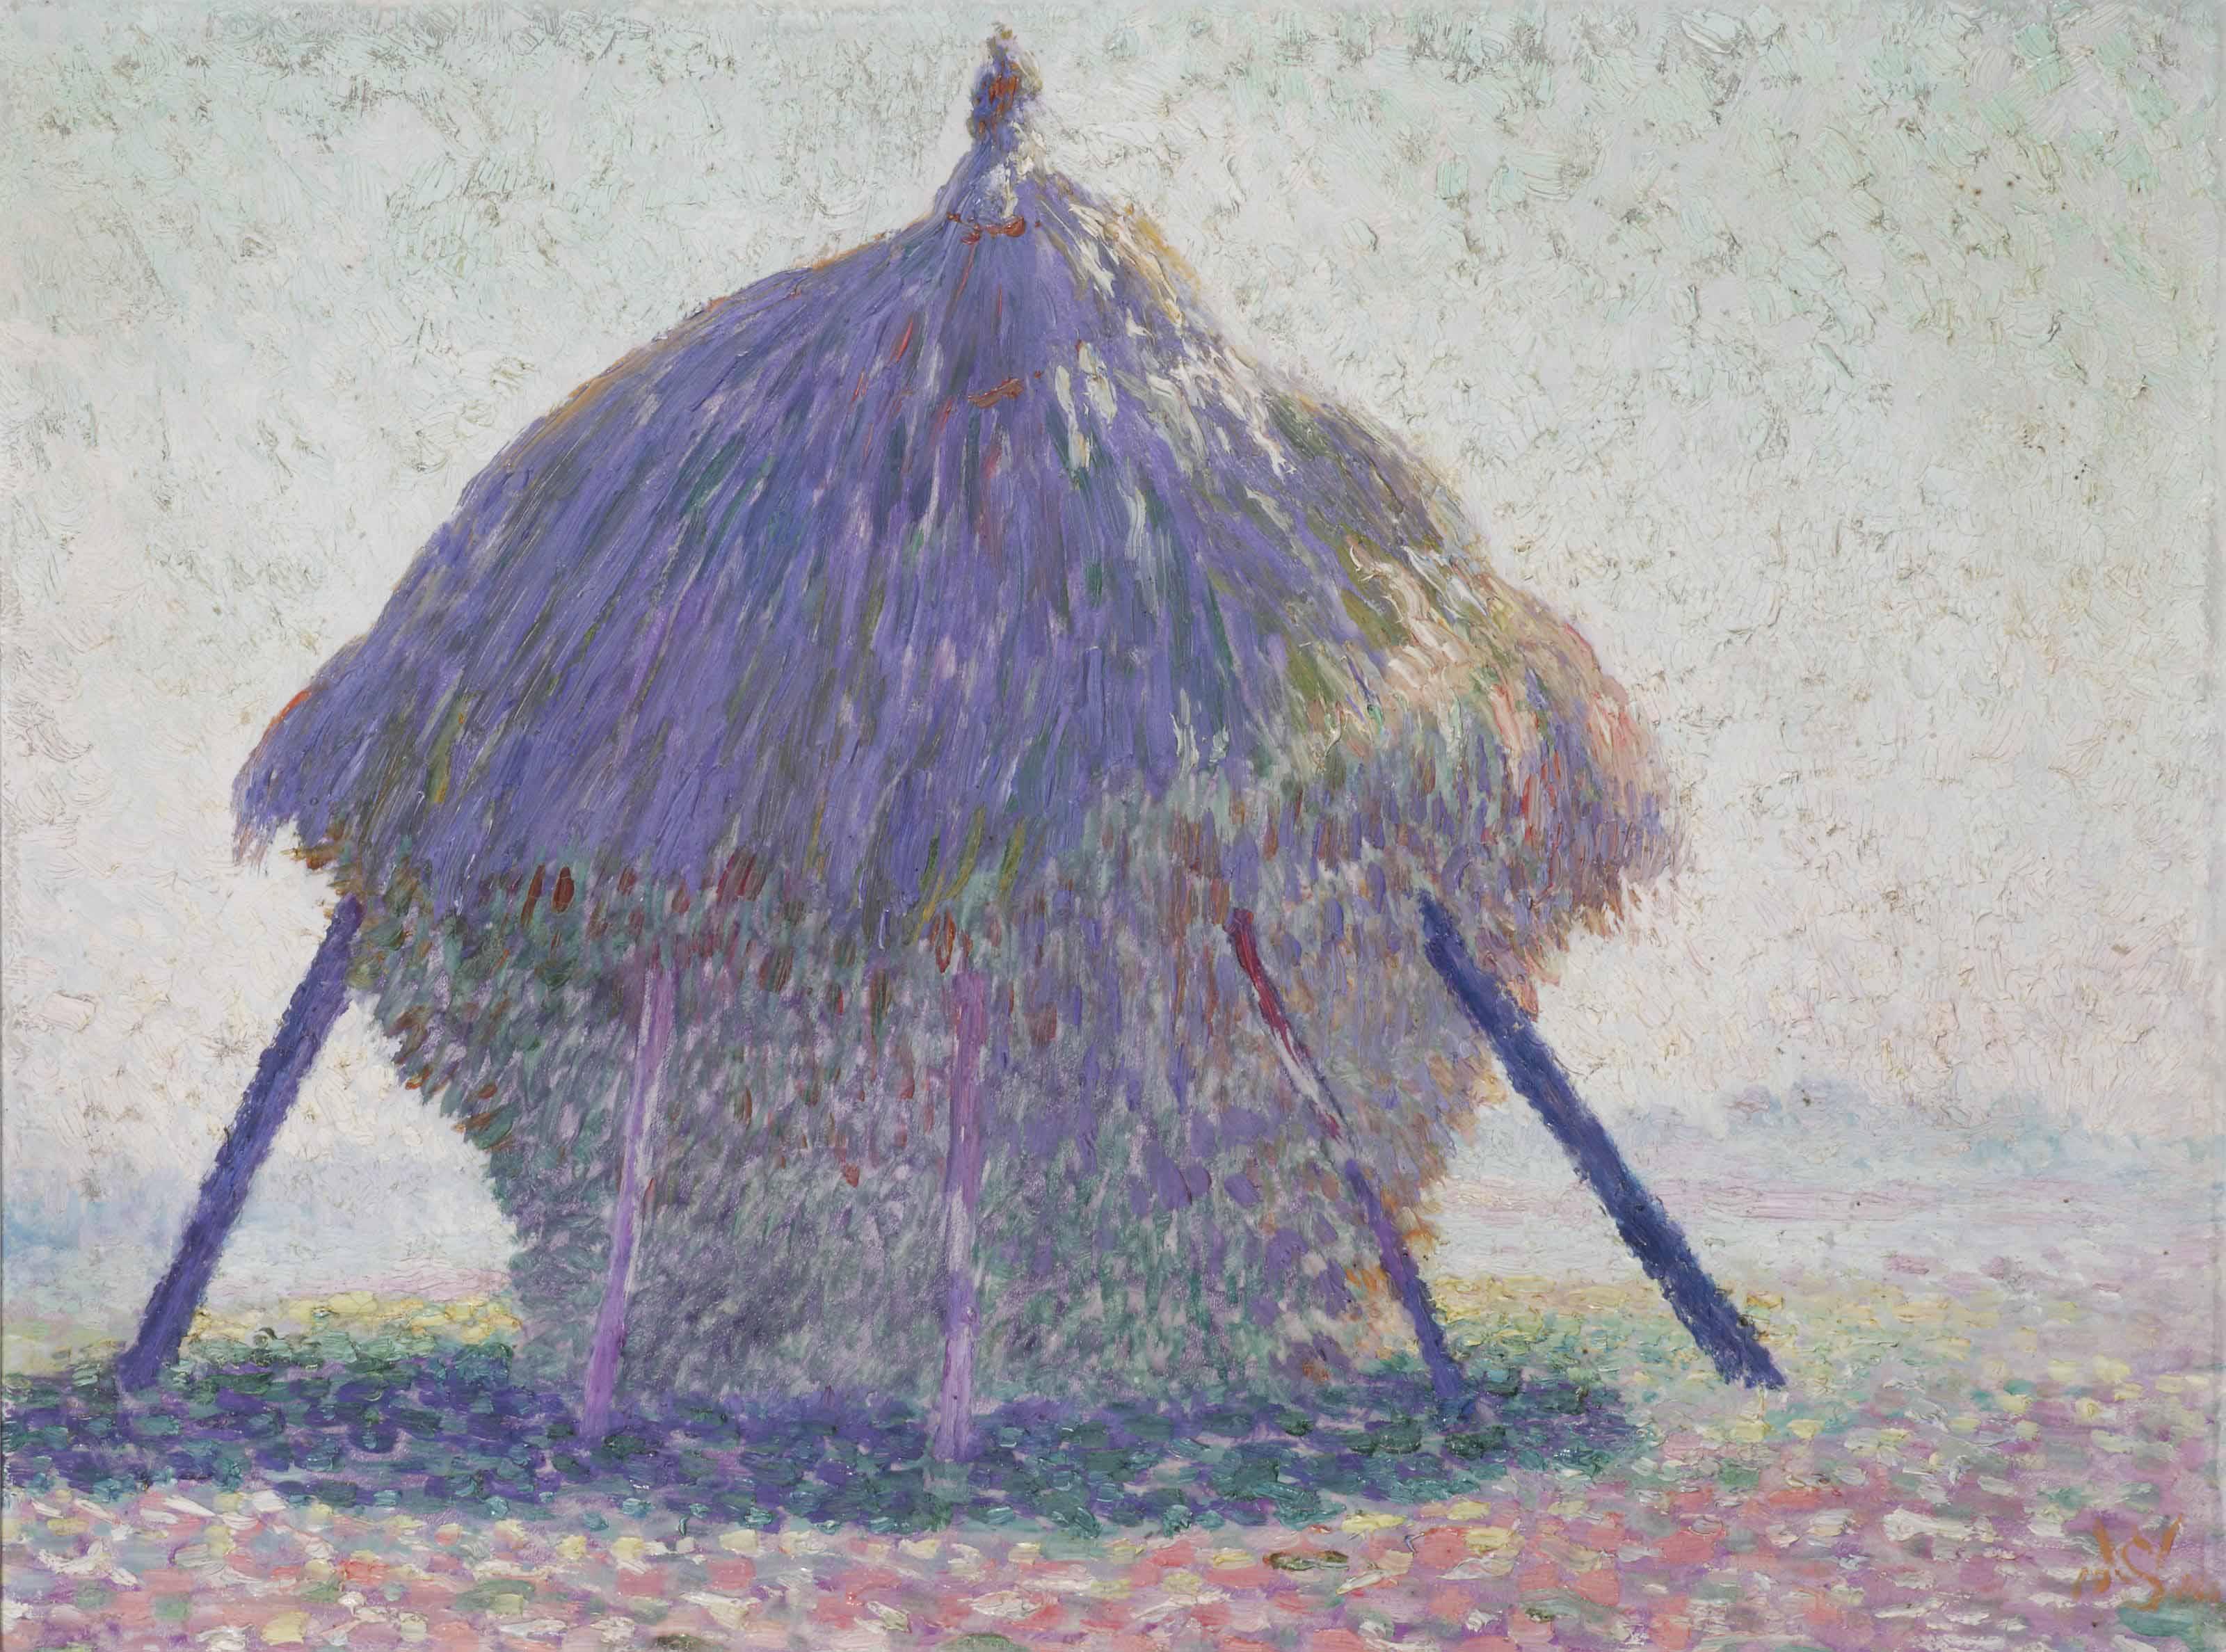 The haystack